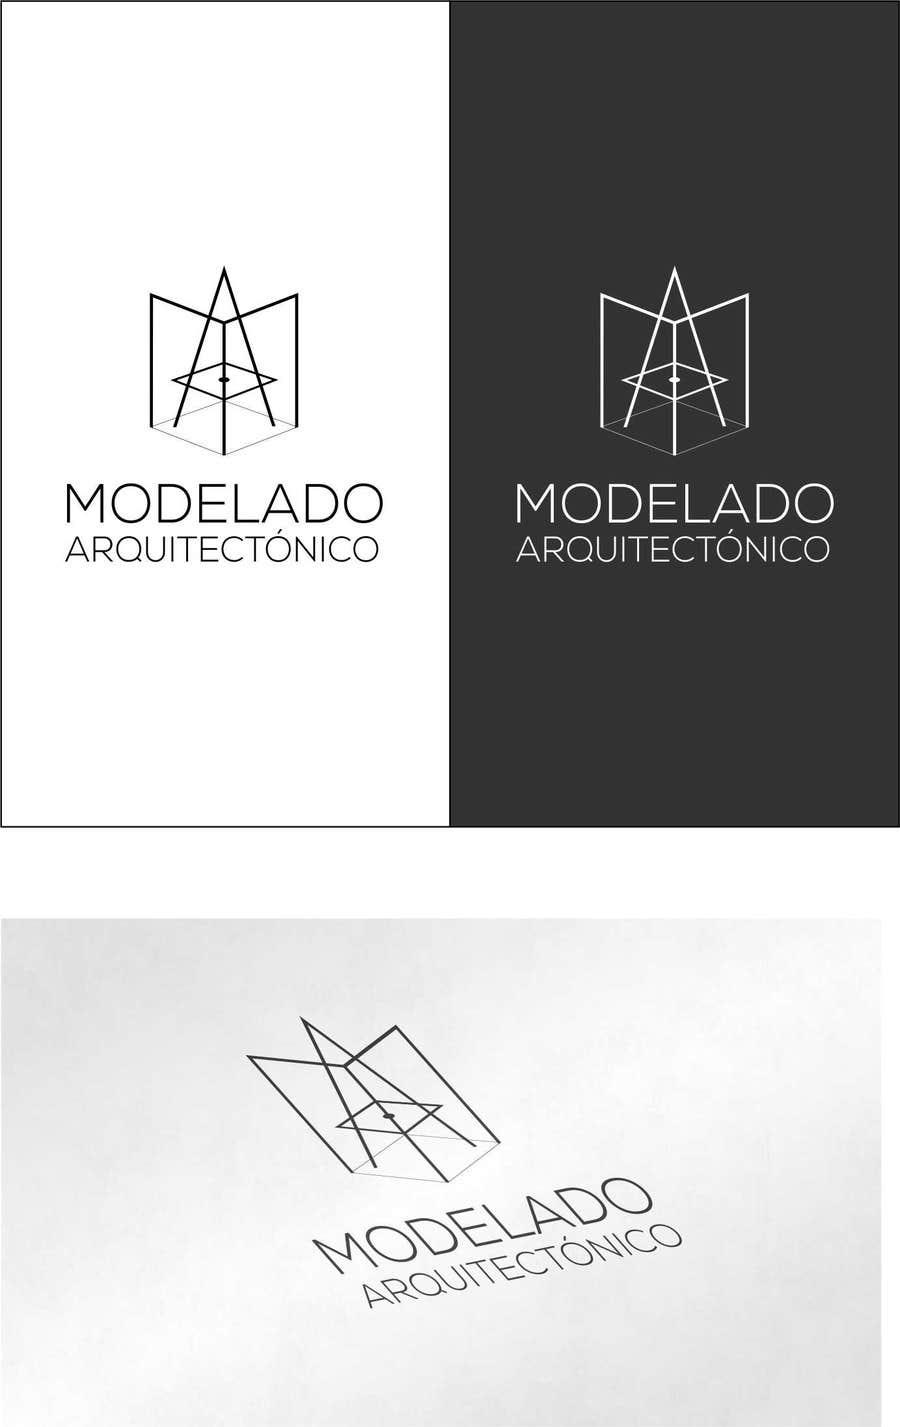 Proposition n°58 du concours Diseñar un logotipo para empresa de diseño arquitectónico